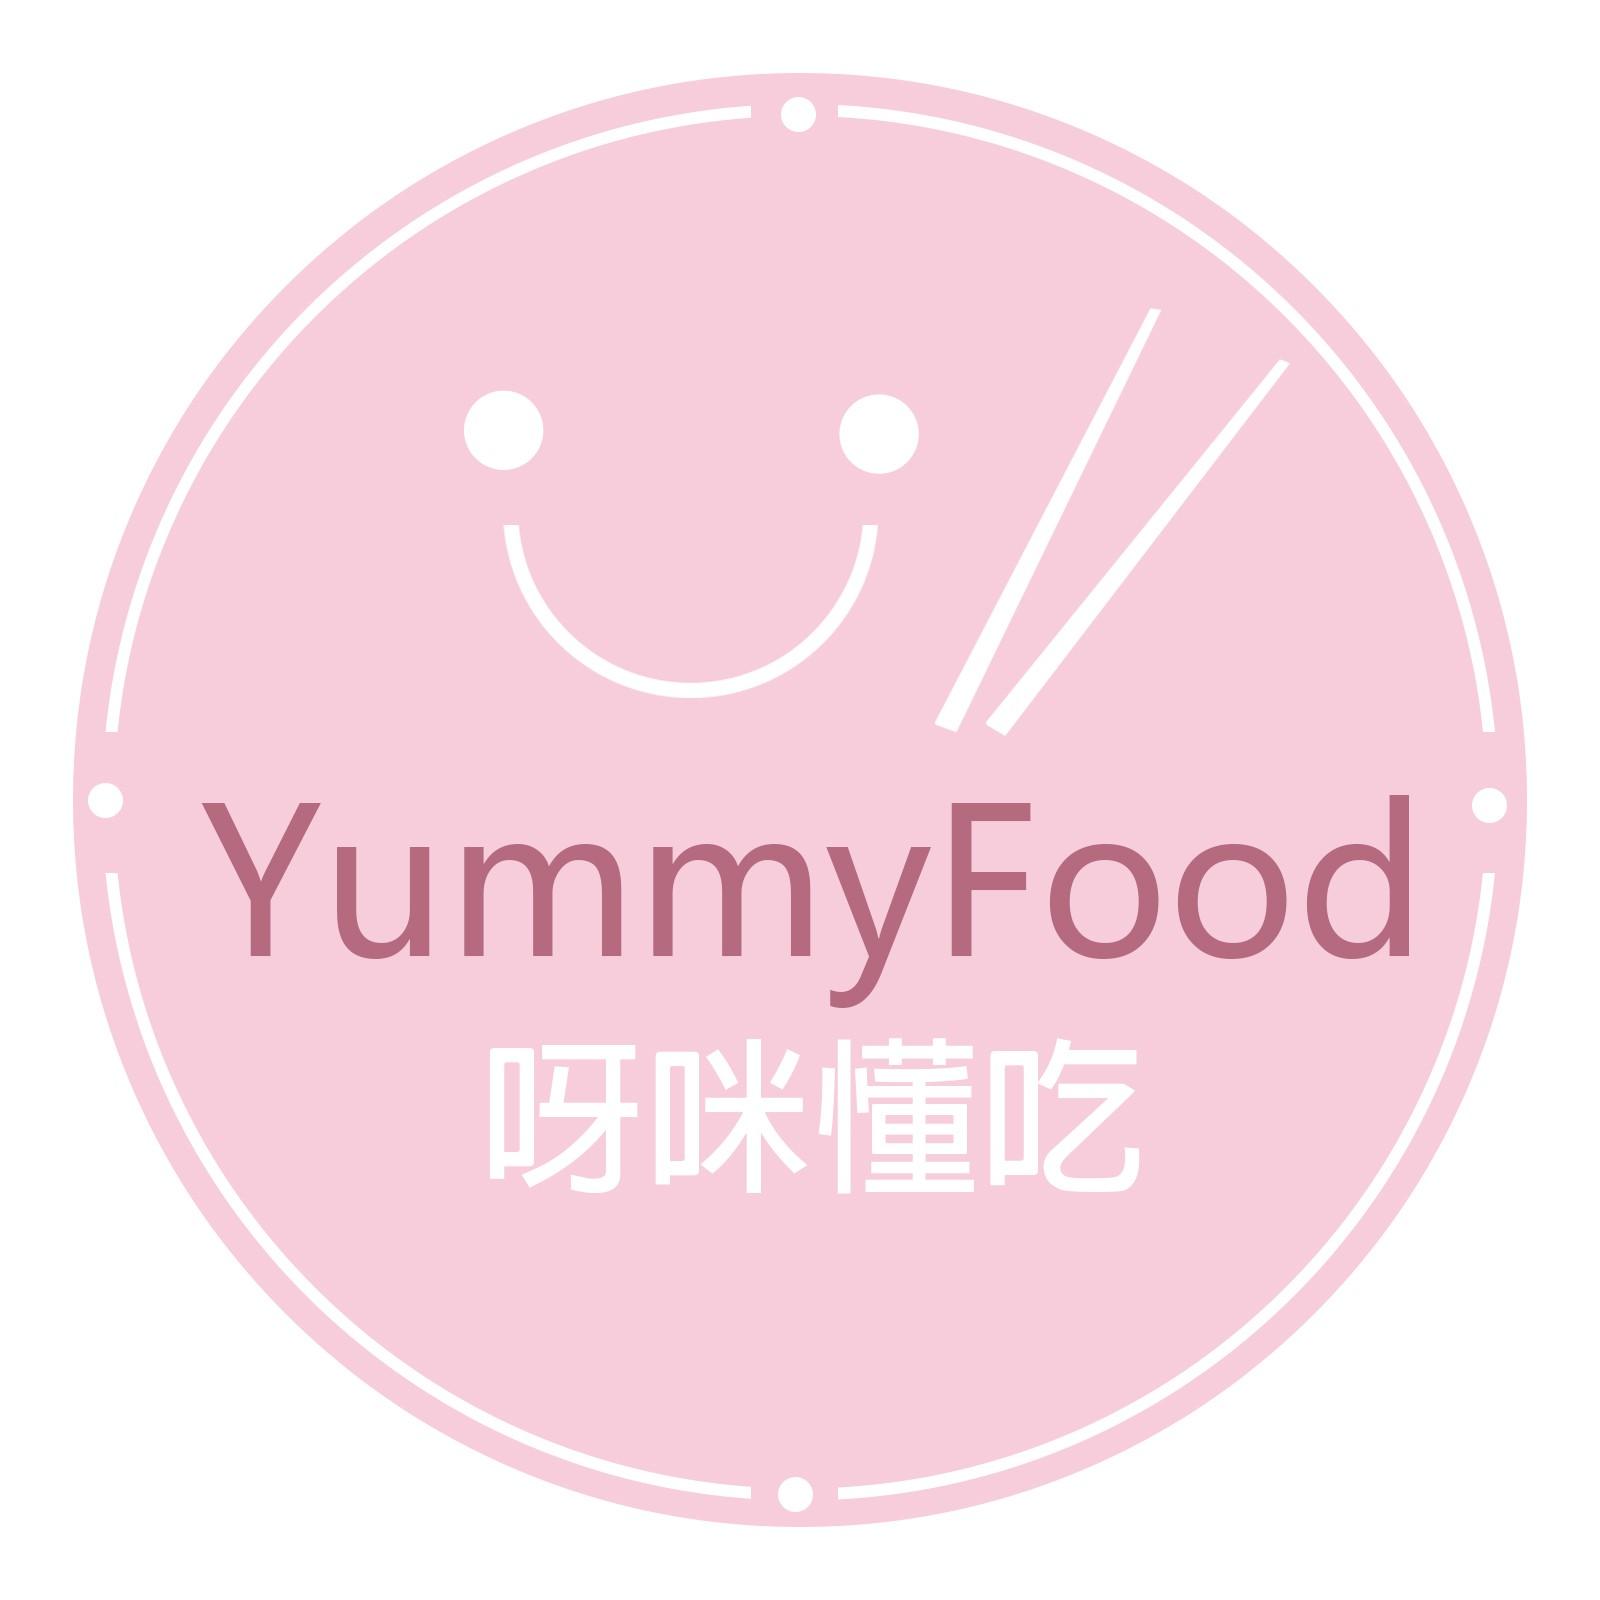 關於YUMMY FOOD